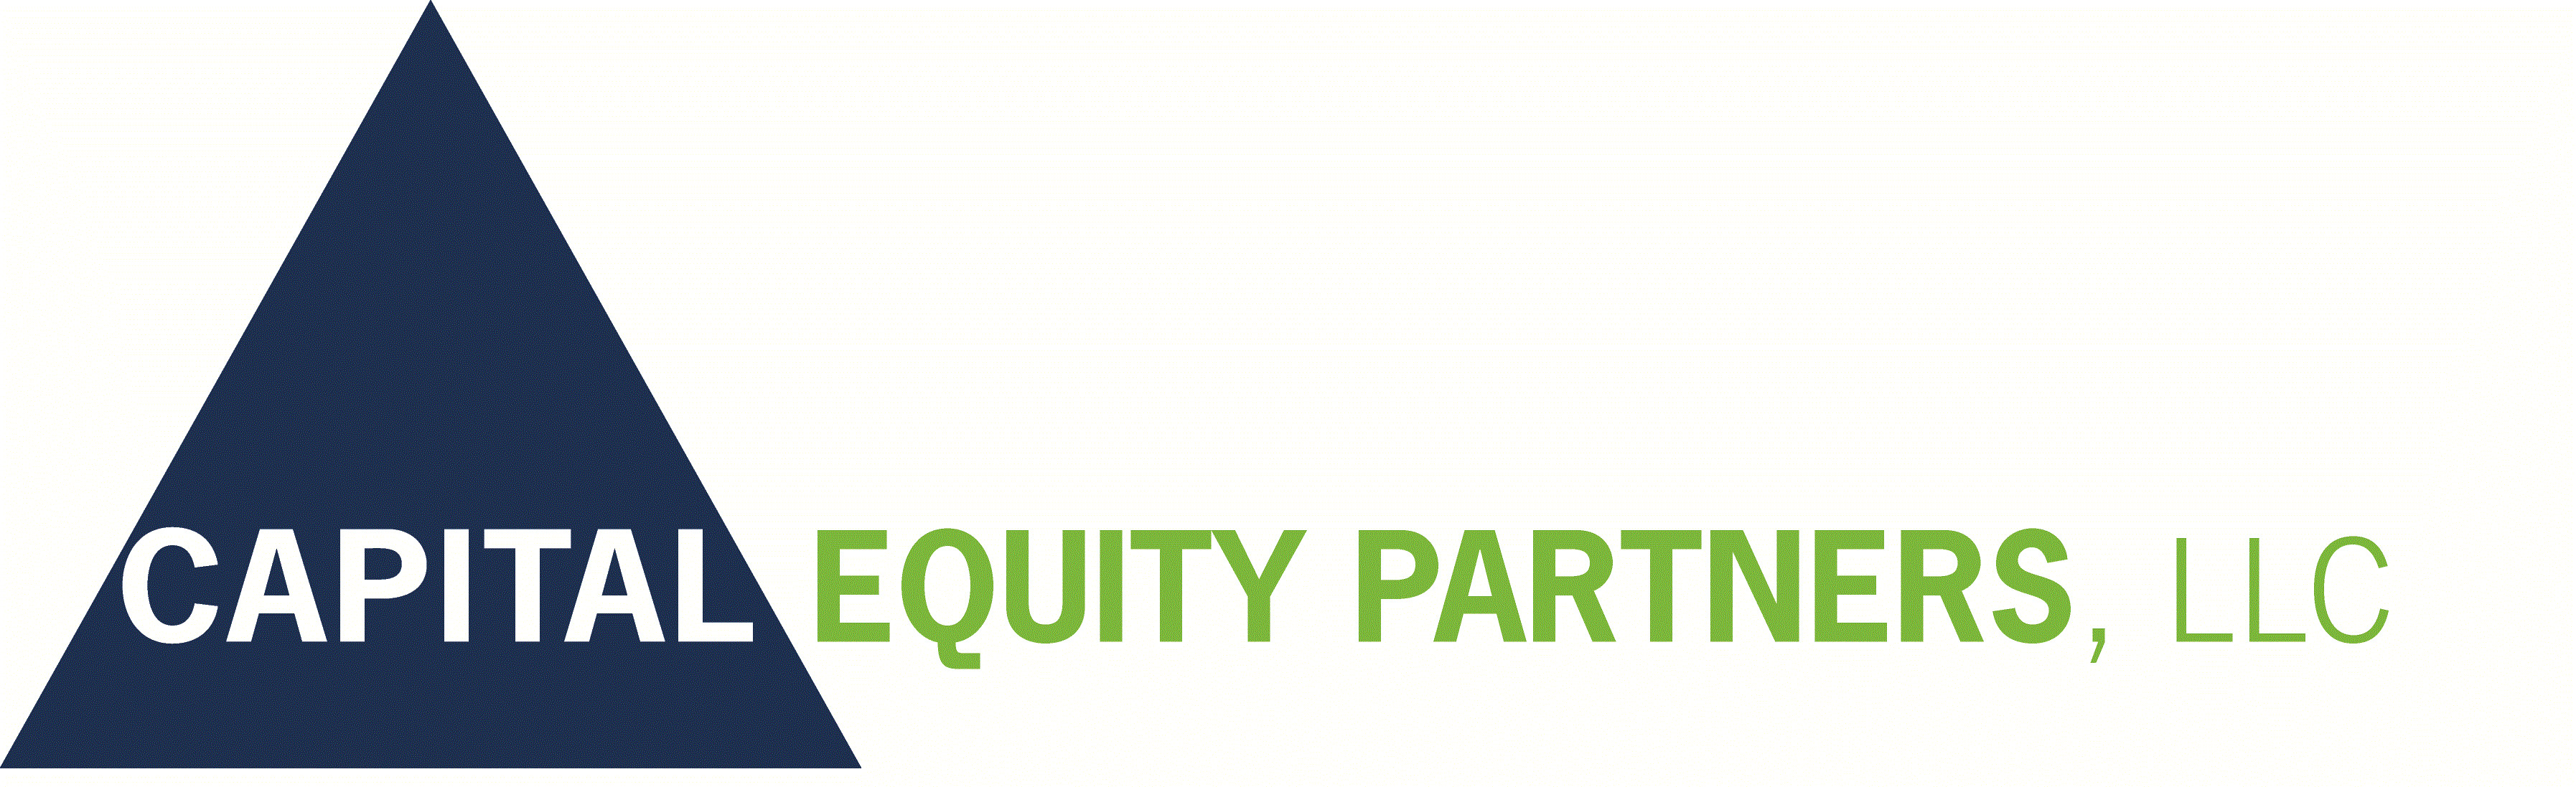 Capital Equity Partners LLC | LinkedIn